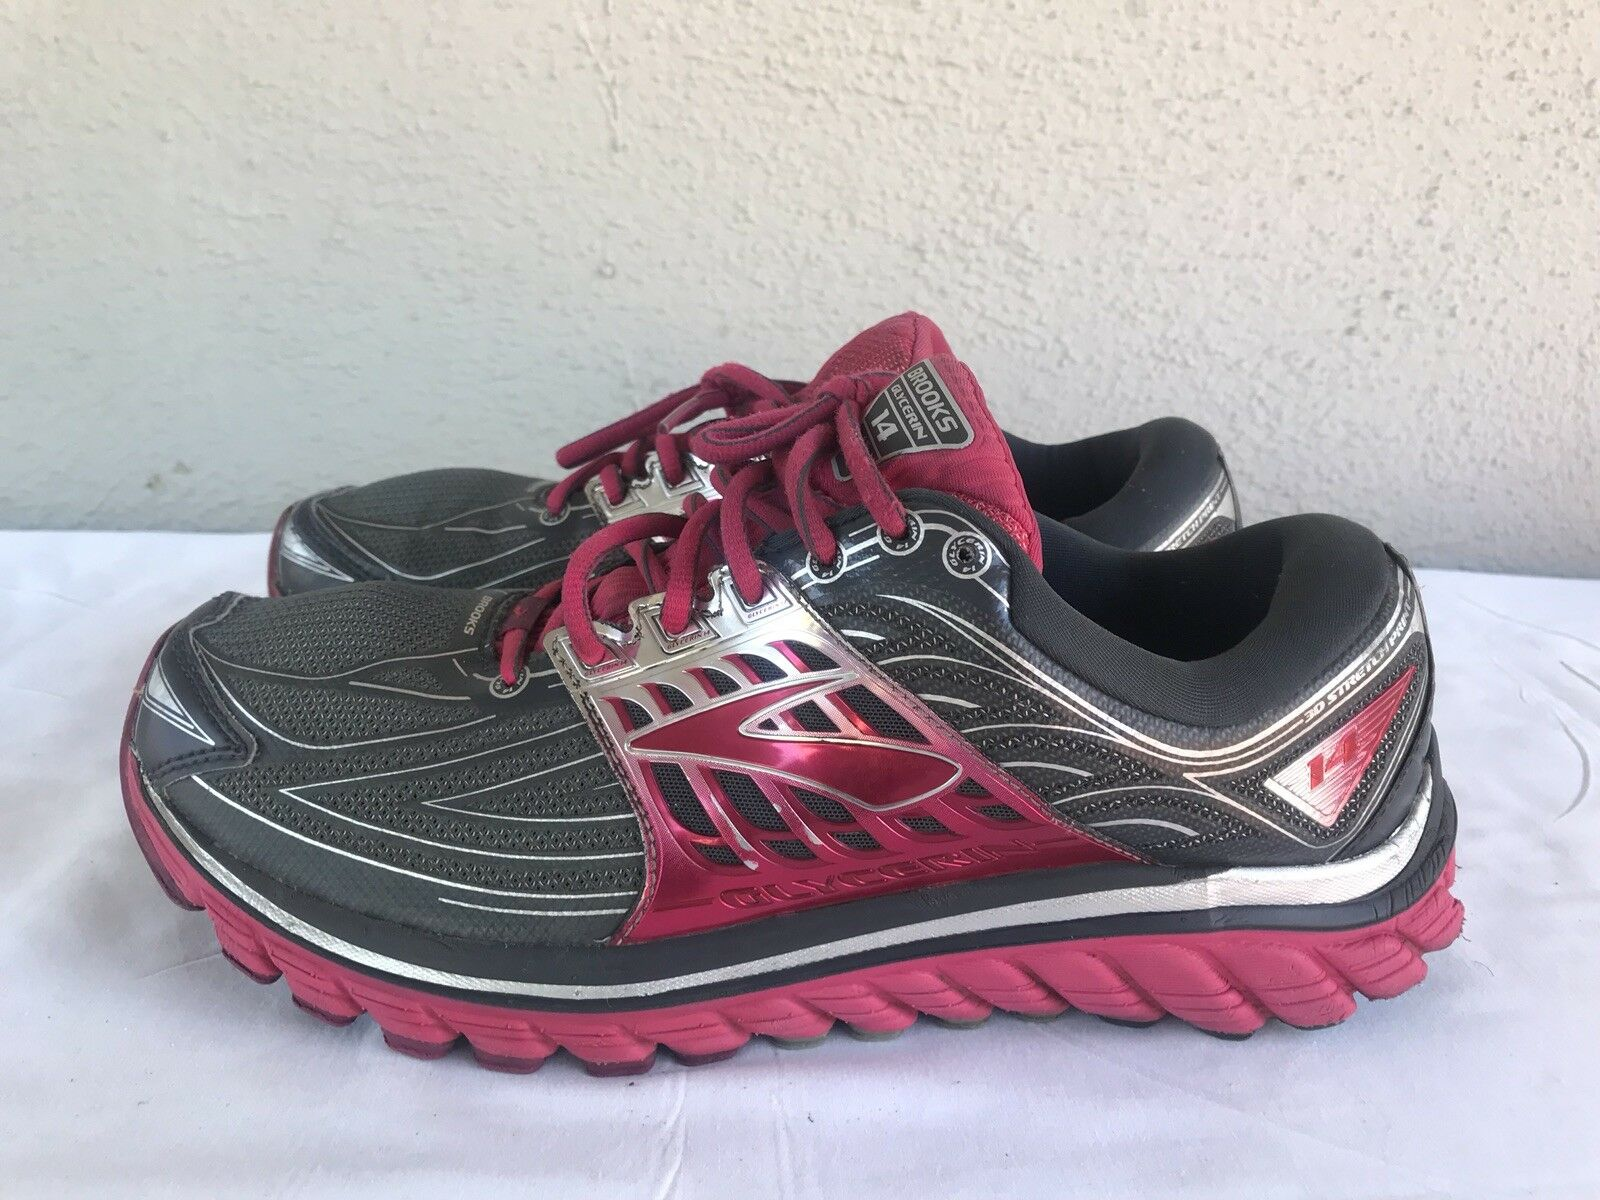 Para mujer Brooks Glicerina 14 rosado rosado rosado gris Running Zapatos Zapatillas tamaño nos 11 B  100% a estrenar con calidad original.